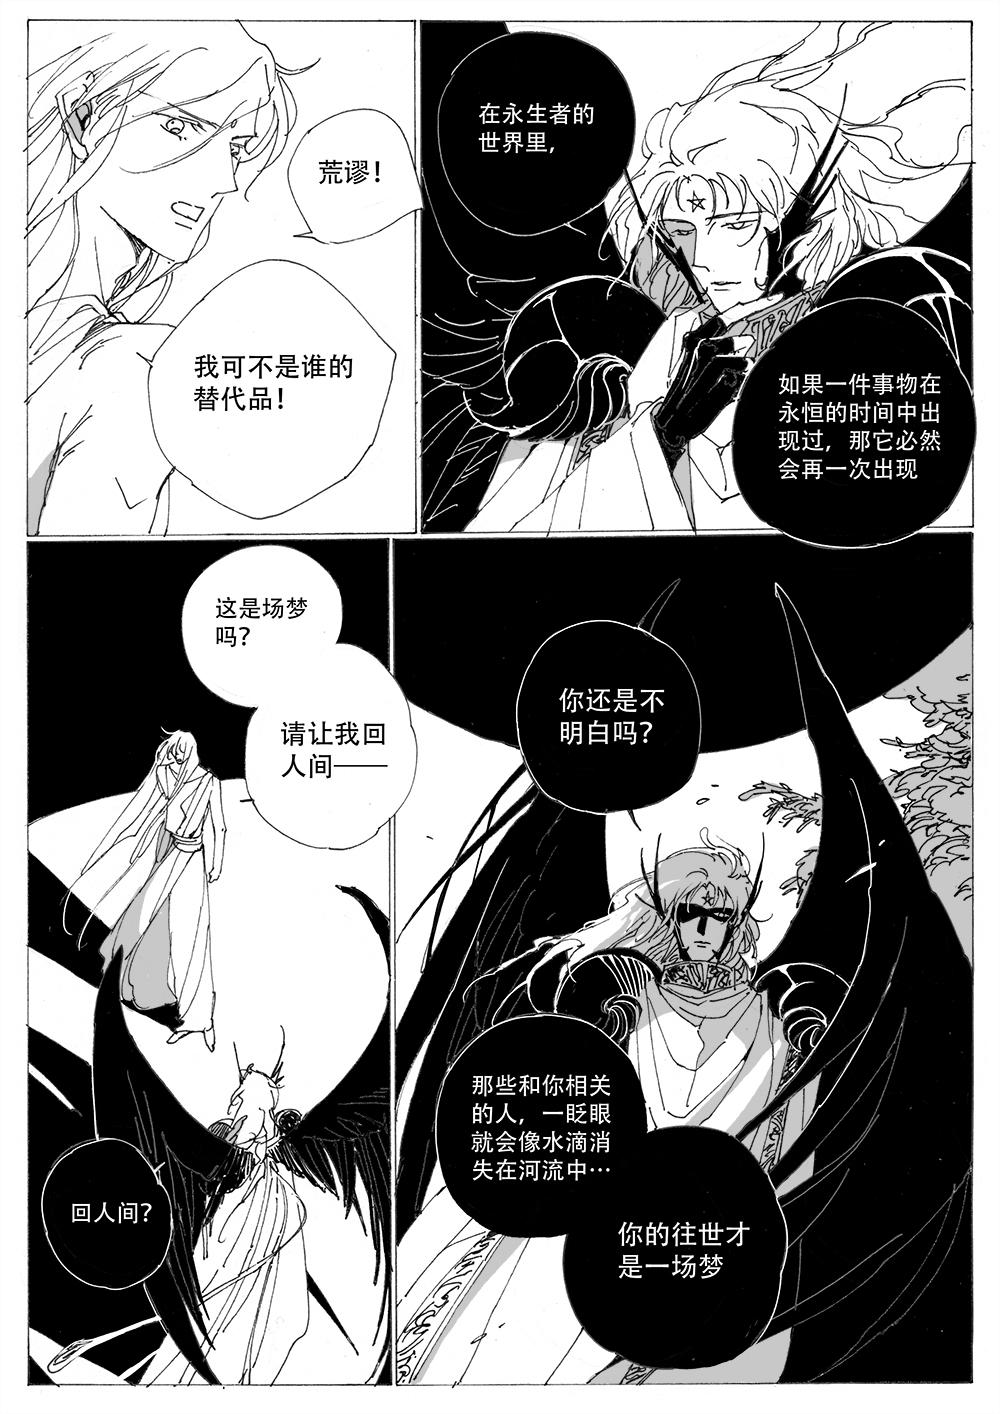 永生河12